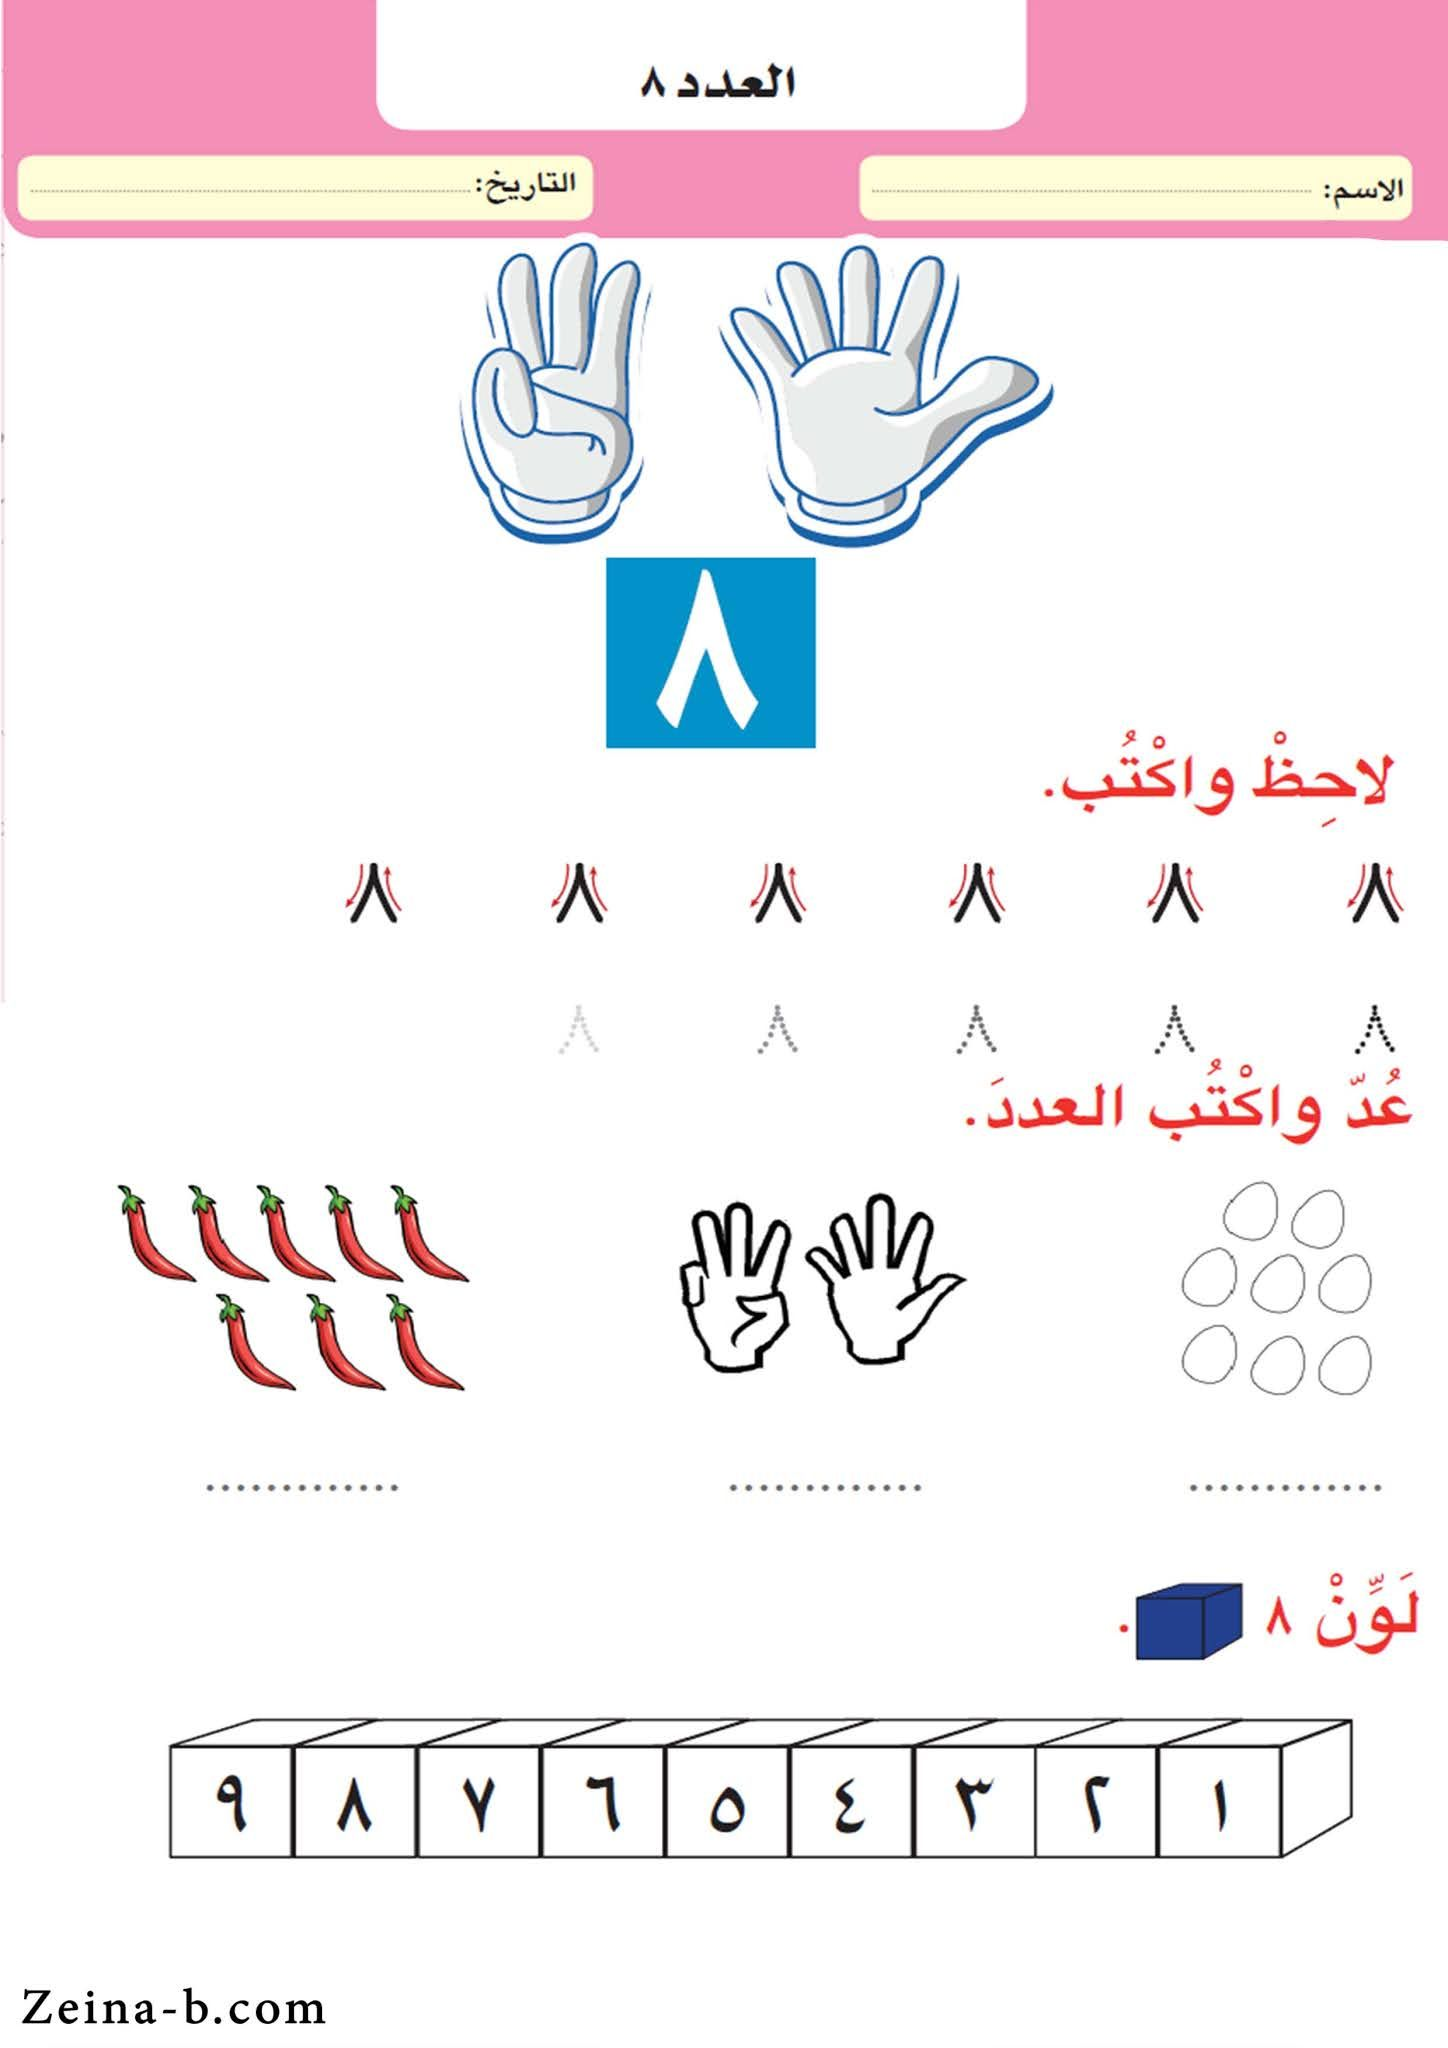 العدد الرقم ثمانية ٨ تعليم الاعداد والارقام تعليم الارقام للاطفال الصغار بالصور من 1 الى 10 In 2021 Words Learning Word Search Puzzle